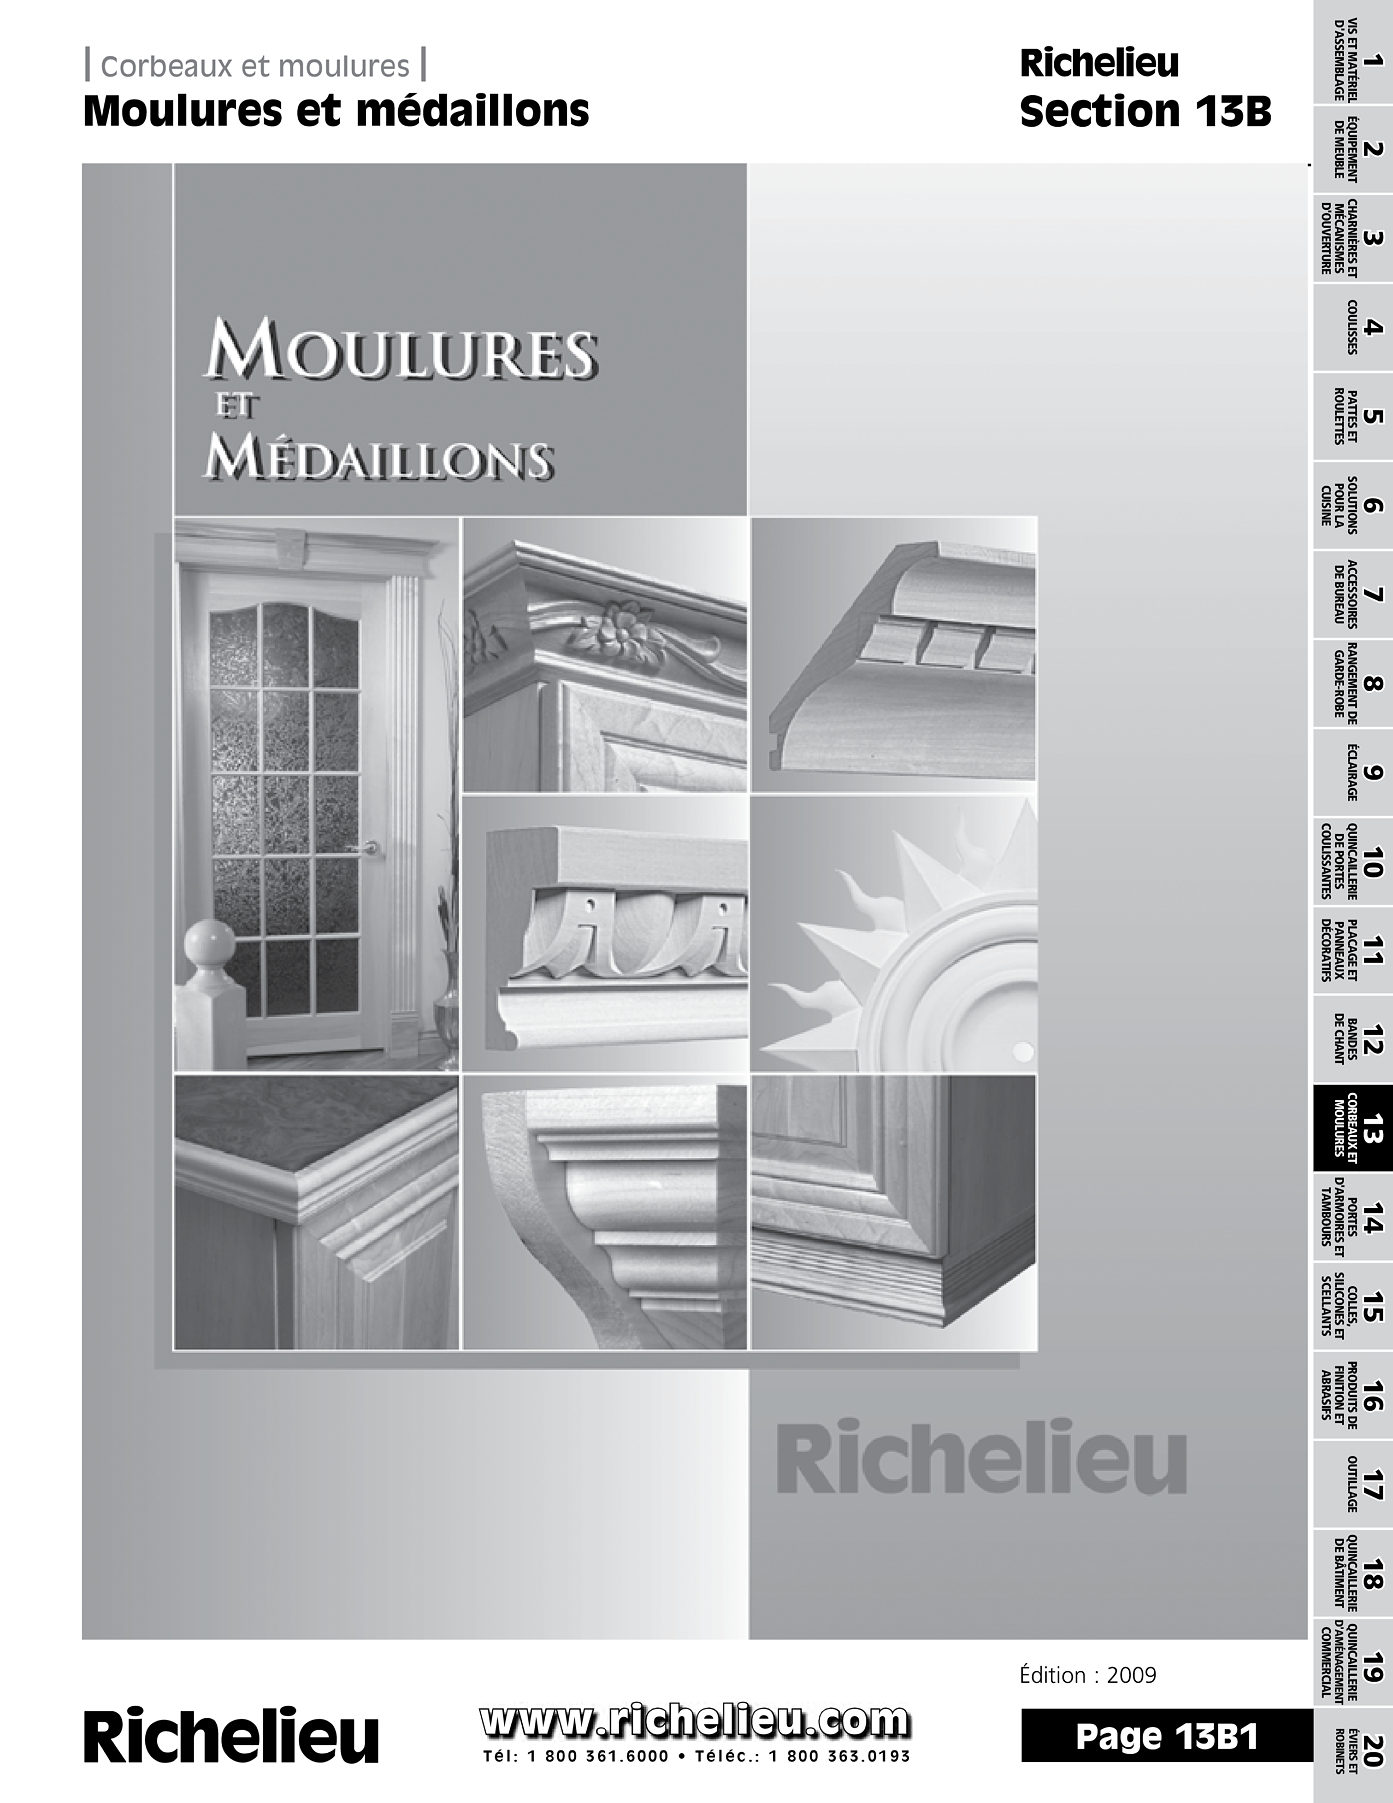 librairie des catalogues richelieu moulures et m daillons page 1 quincaillerie richelieu. Black Bedroom Furniture Sets. Home Design Ideas